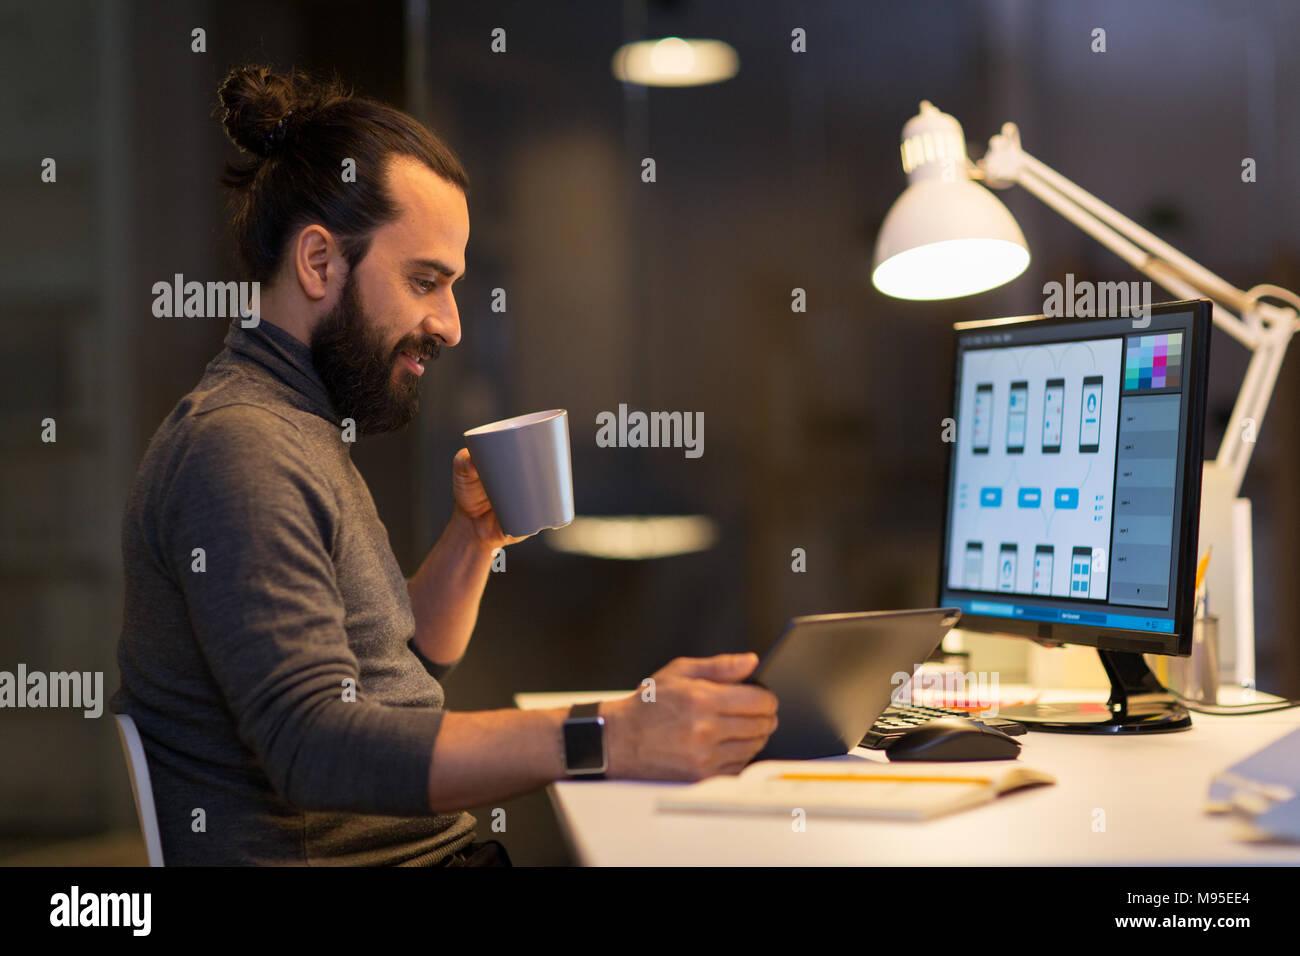 Uomo creativo con il computer lavora fino a tardi in ufficio Immagini Stock